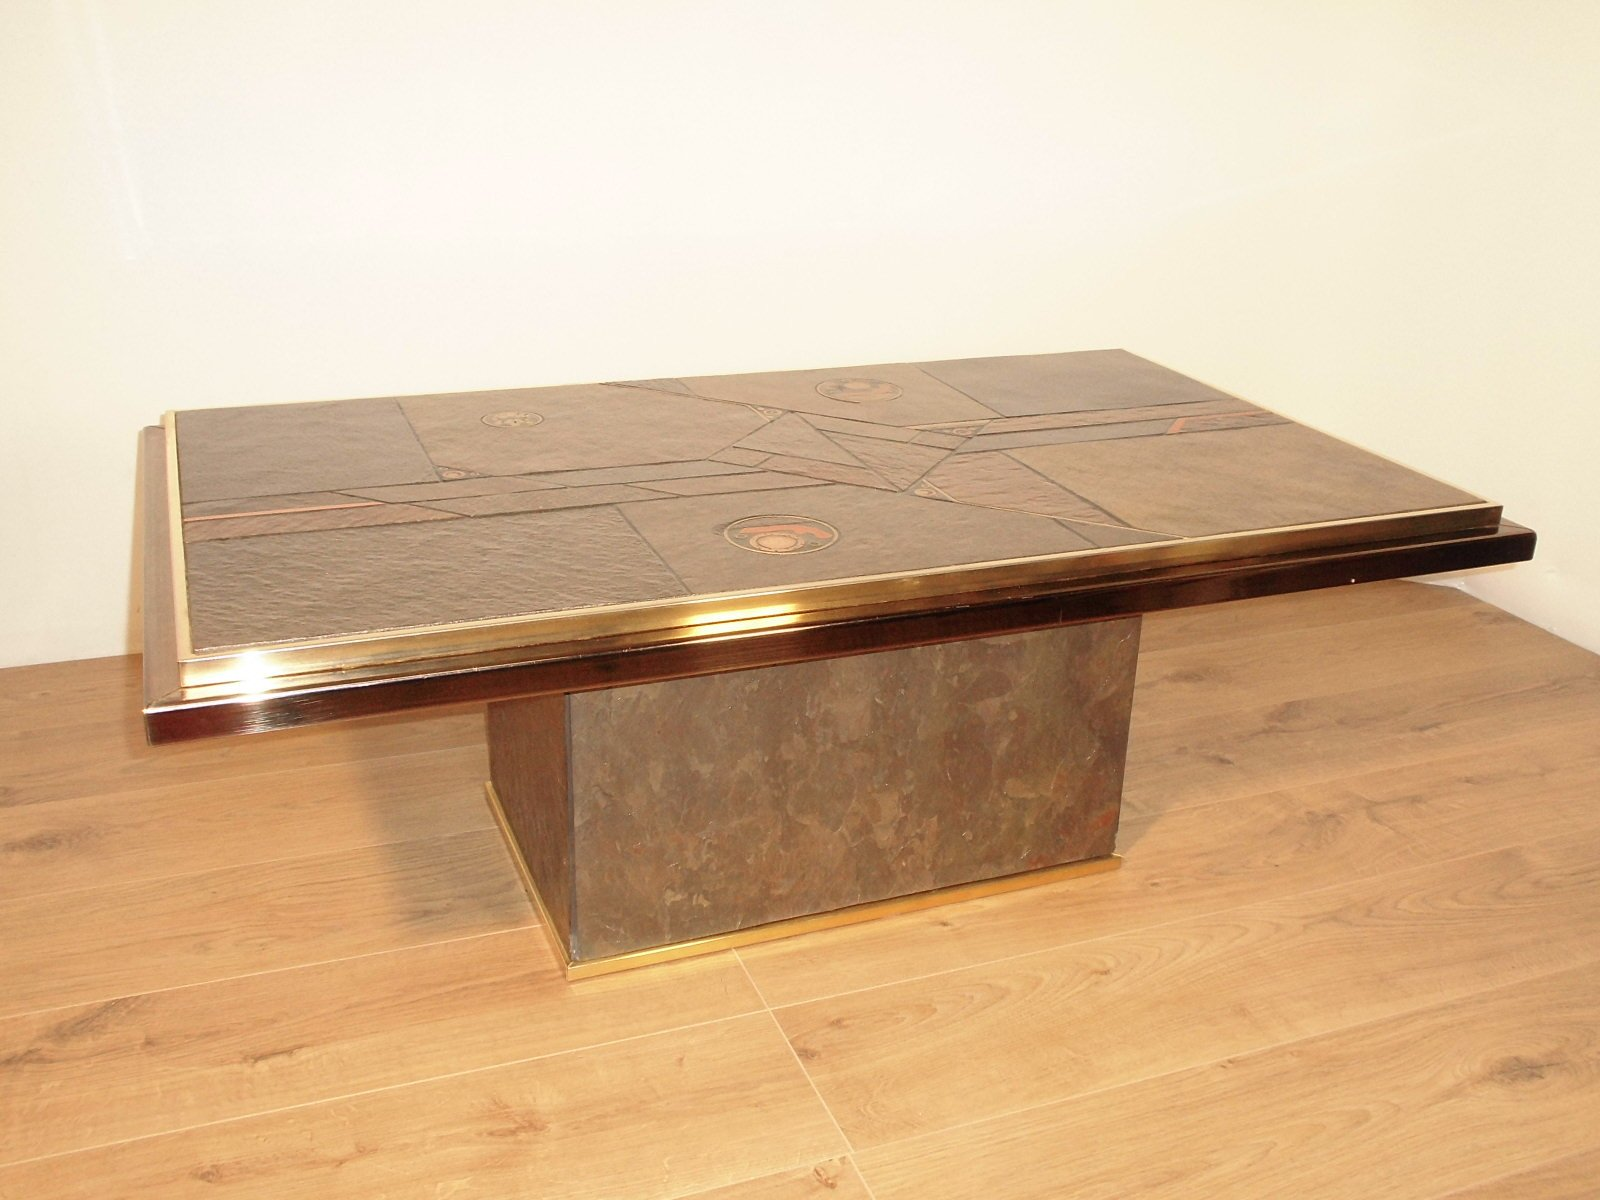 couchtisch aus stein und bronze von paul kingma 1970 bei. Black Bedroom Furniture Sets. Home Design Ideas